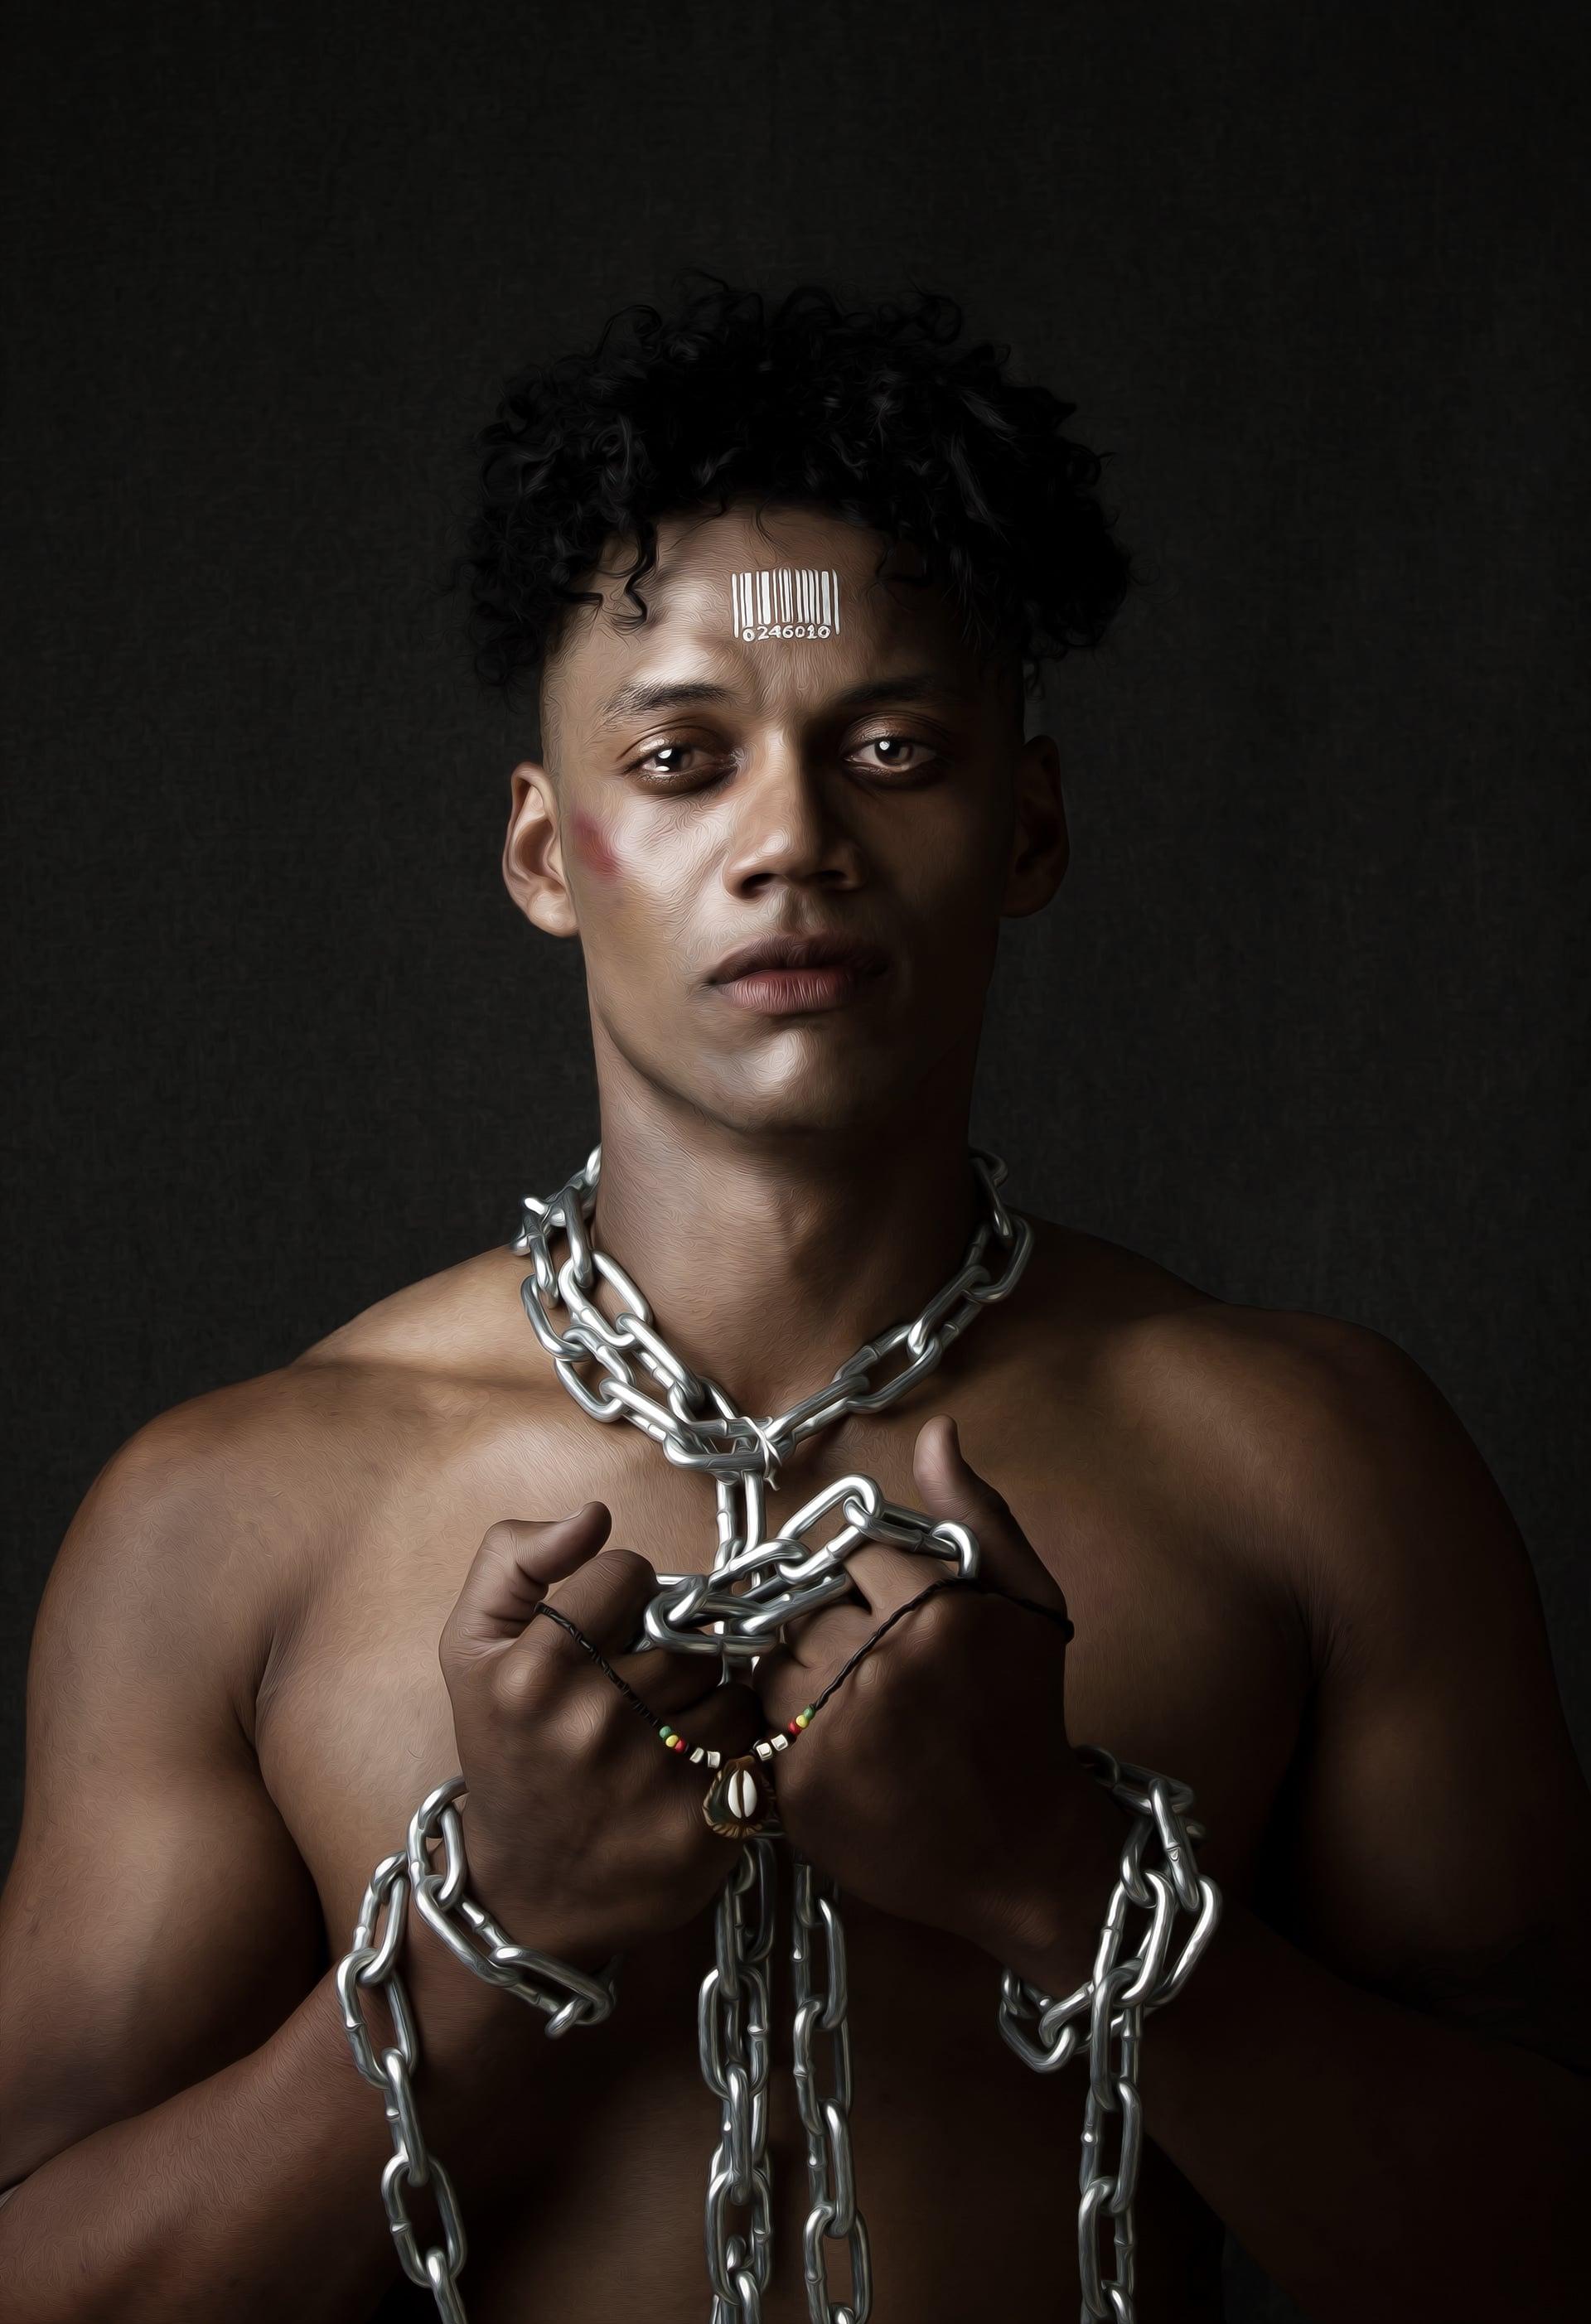 quiero-incomodar-a-la-sociedad-sebastian-van-ghondi-joven-artista-21-07-2021-2